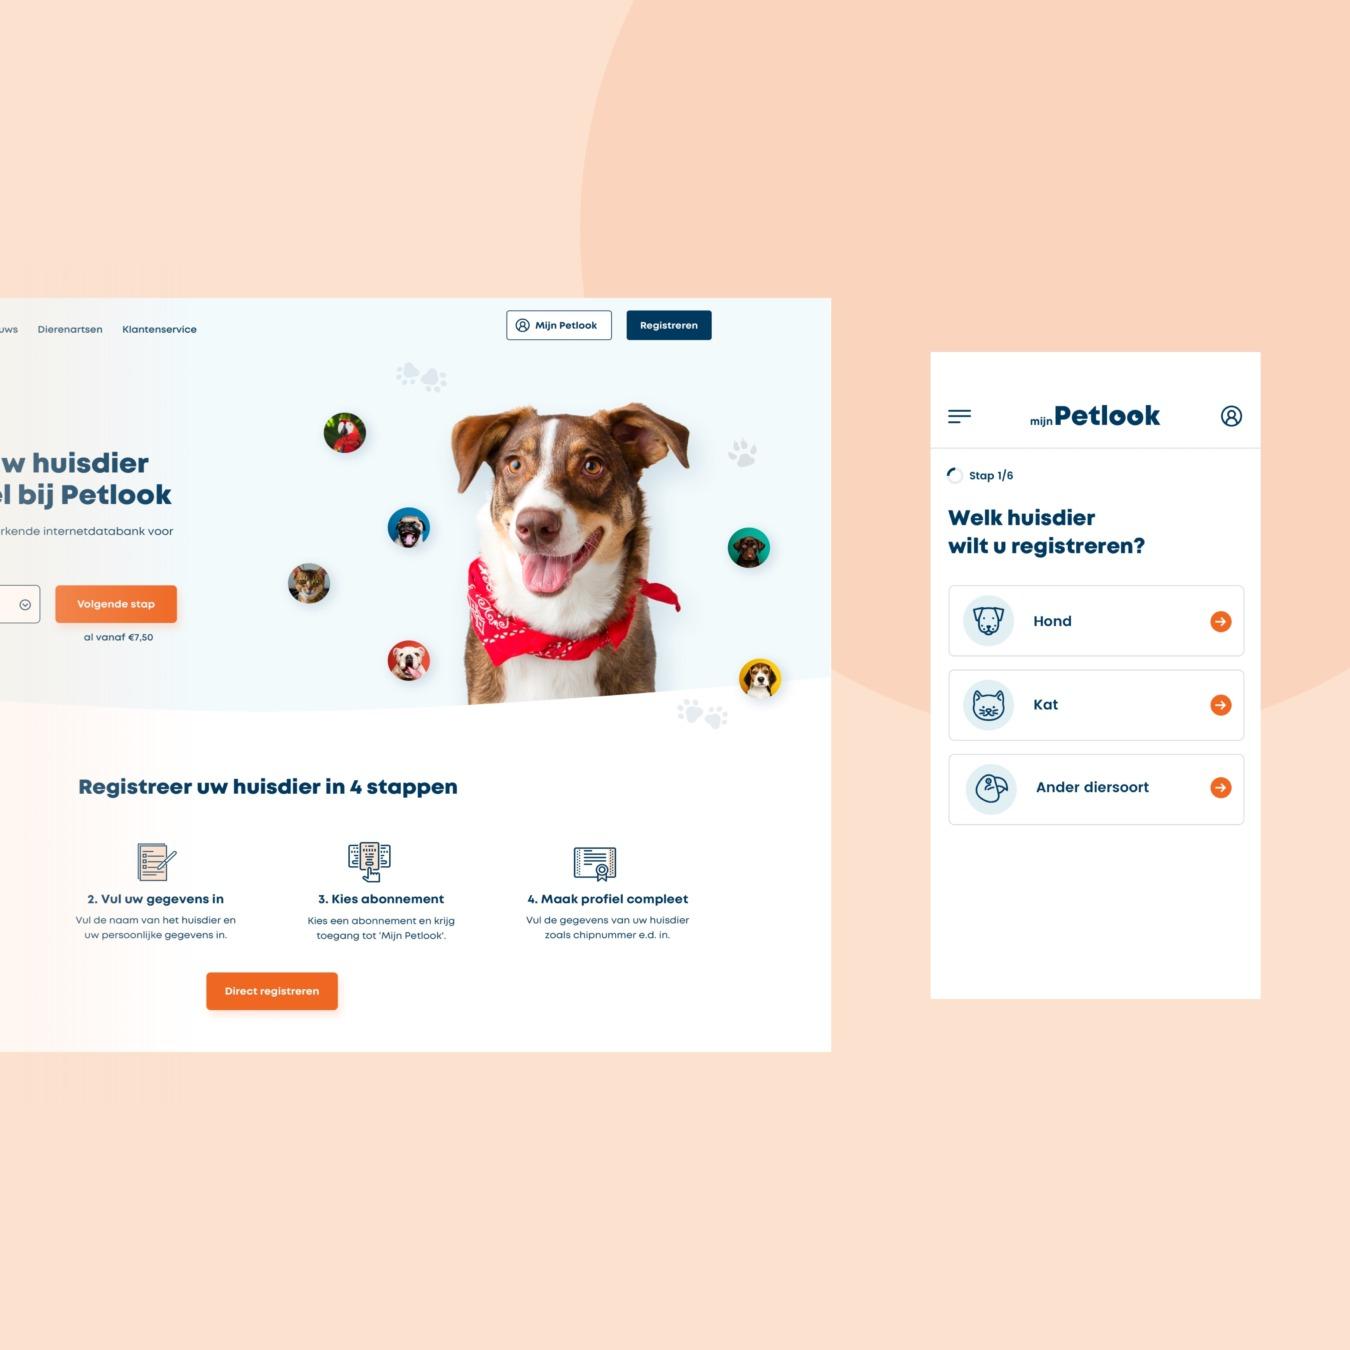 Online platform als Petlook